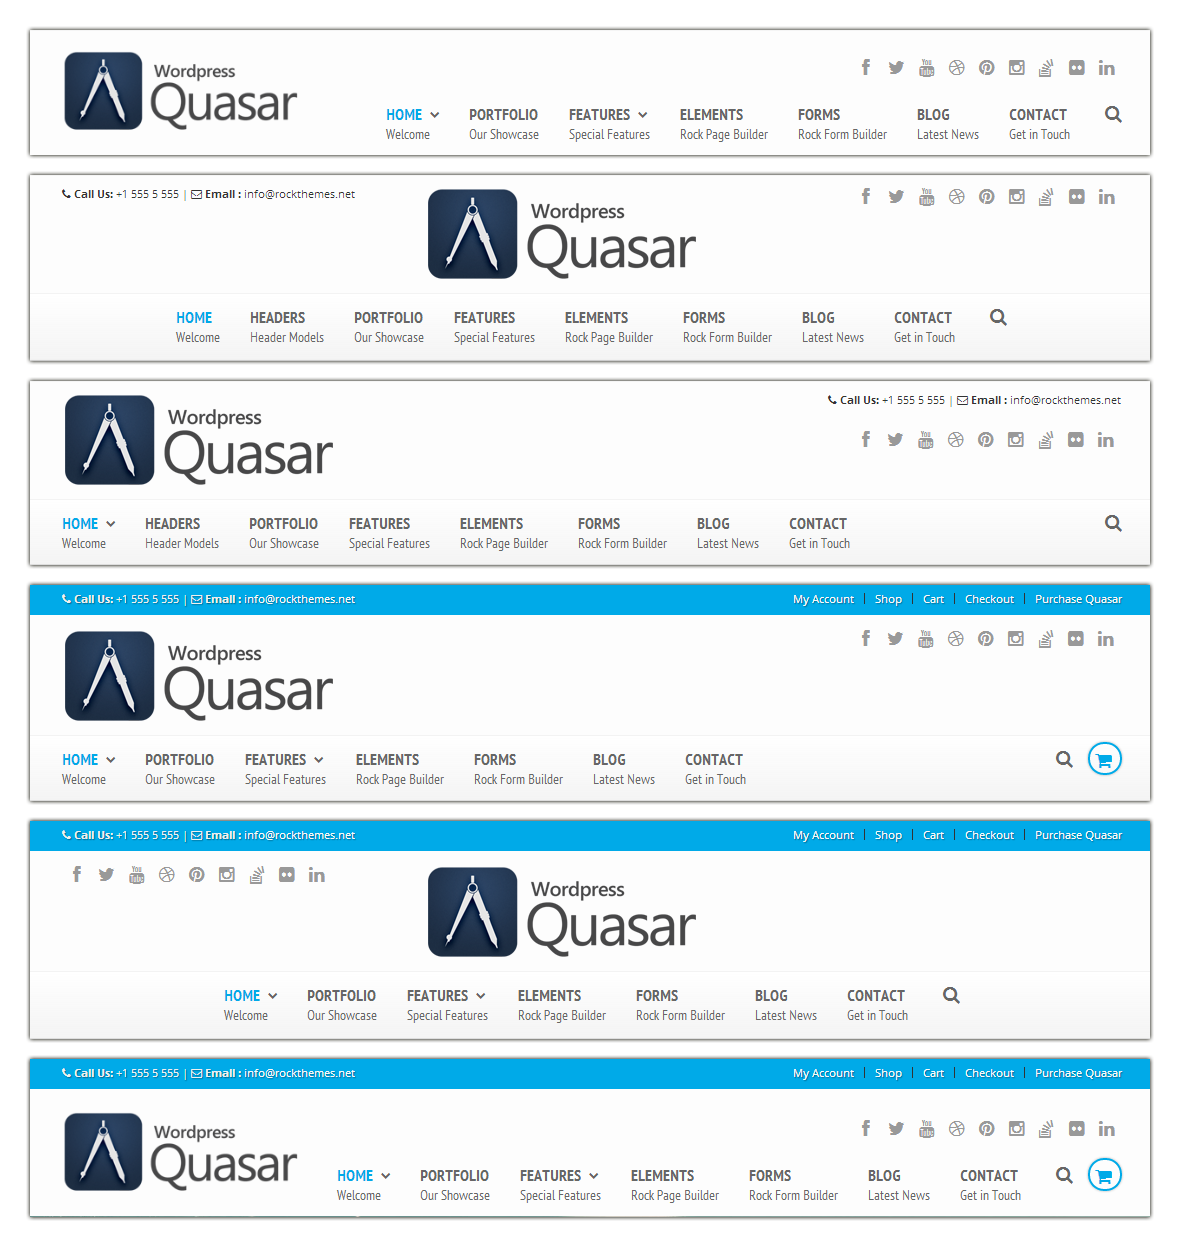 Quasar Header Models